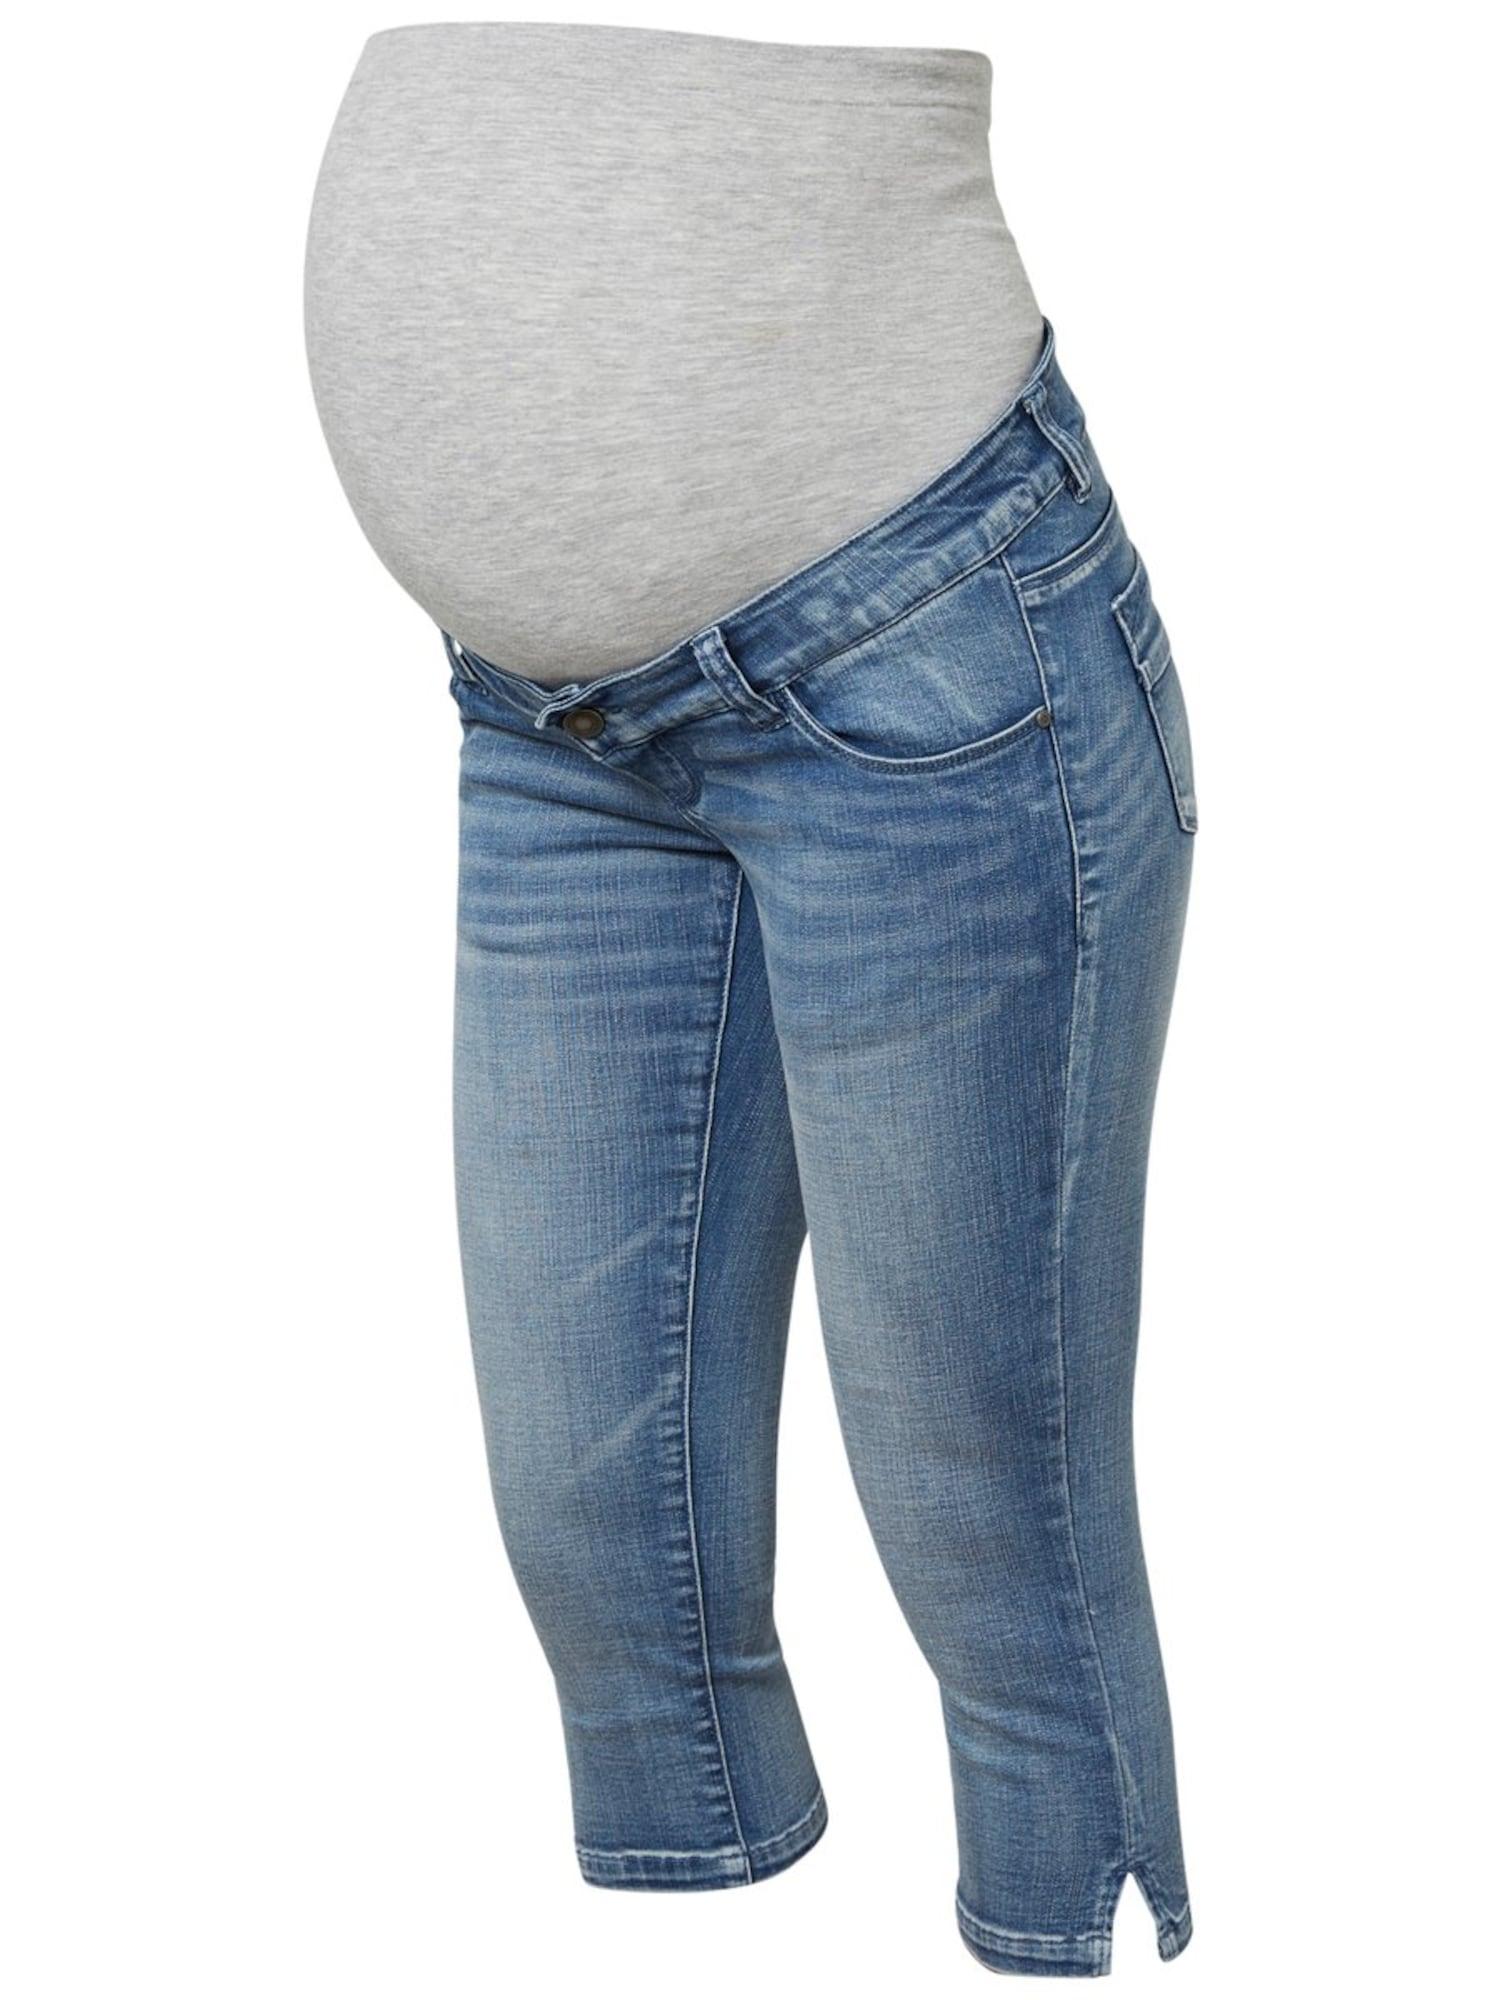 MAMALICIOUS Džinsai margai pilka / tamsiai (džinso) mėlyna